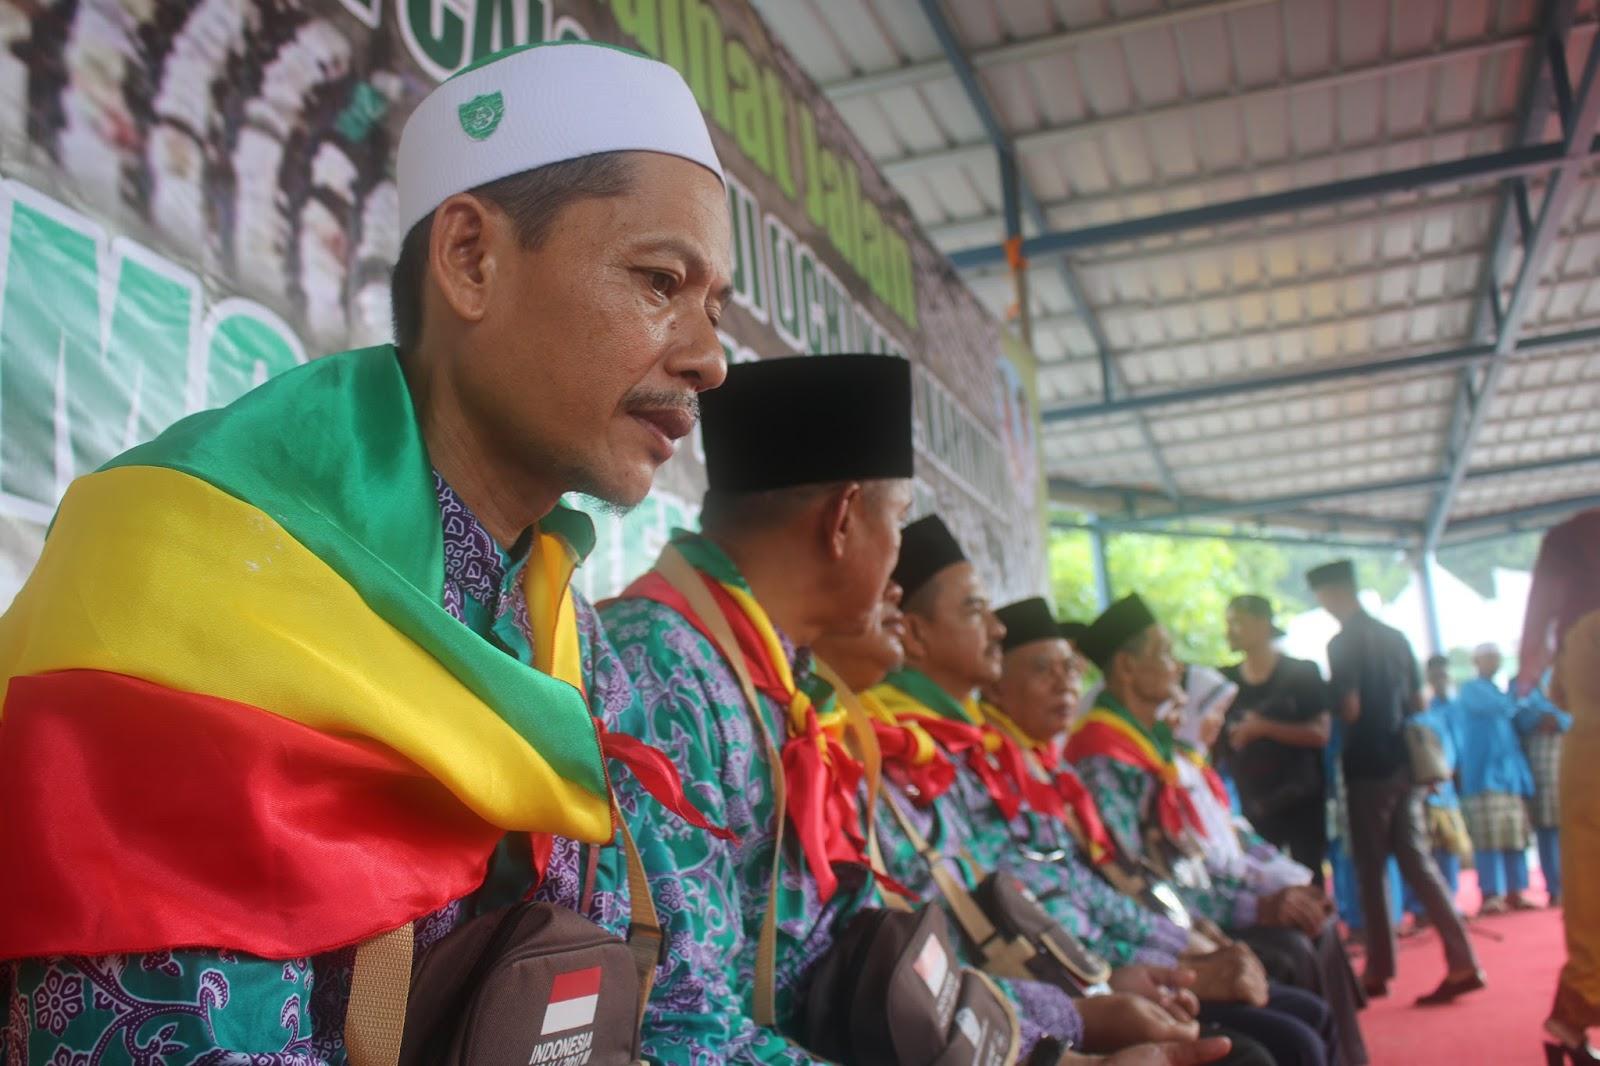 Tata Cara Mutasi Pemberangkatan Haji Di Kabupaten Karimun Tahun 2018